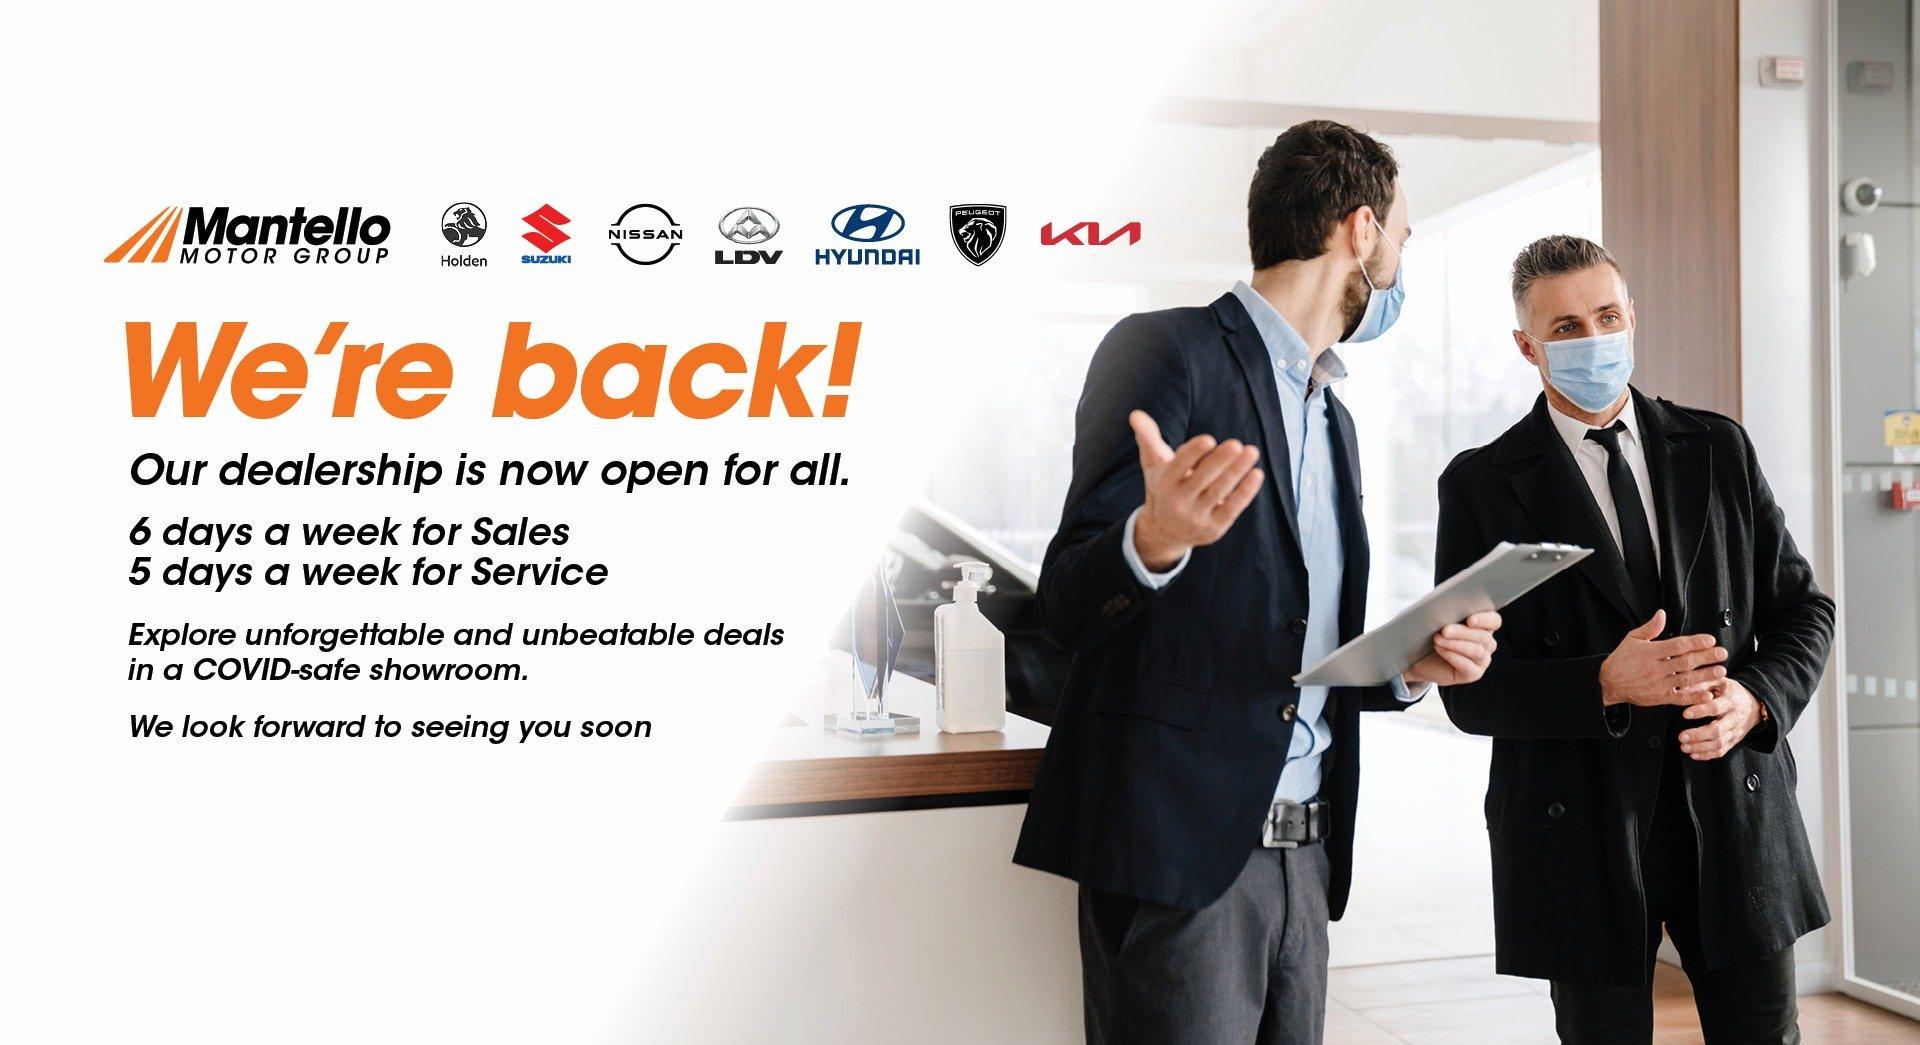 Dealership now open